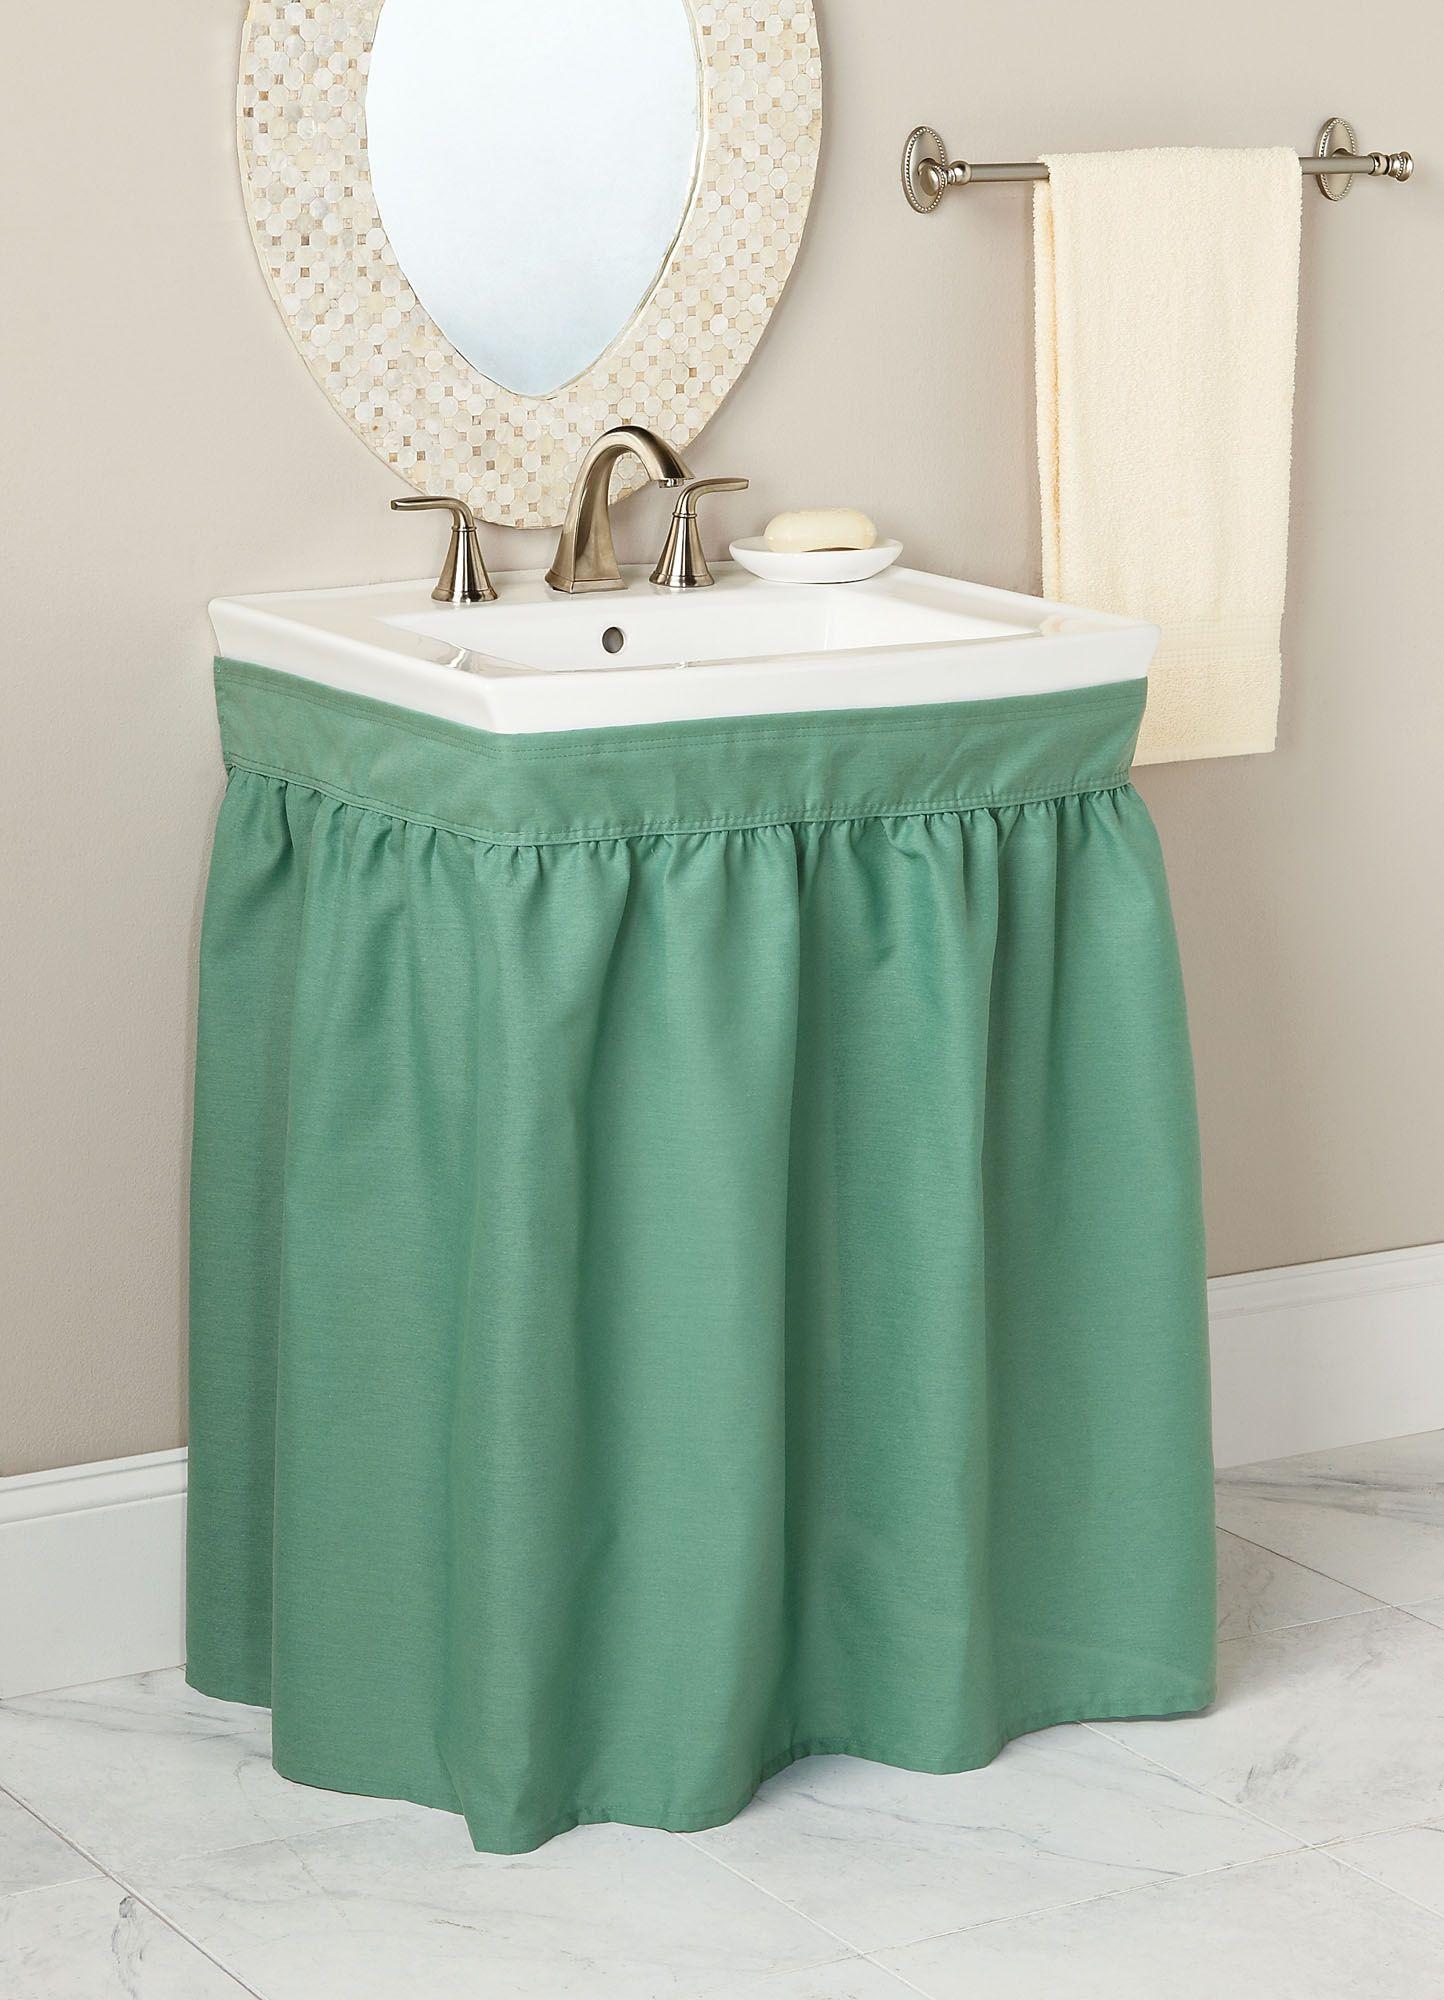 Fingerhut Mayfield Sink Skirt